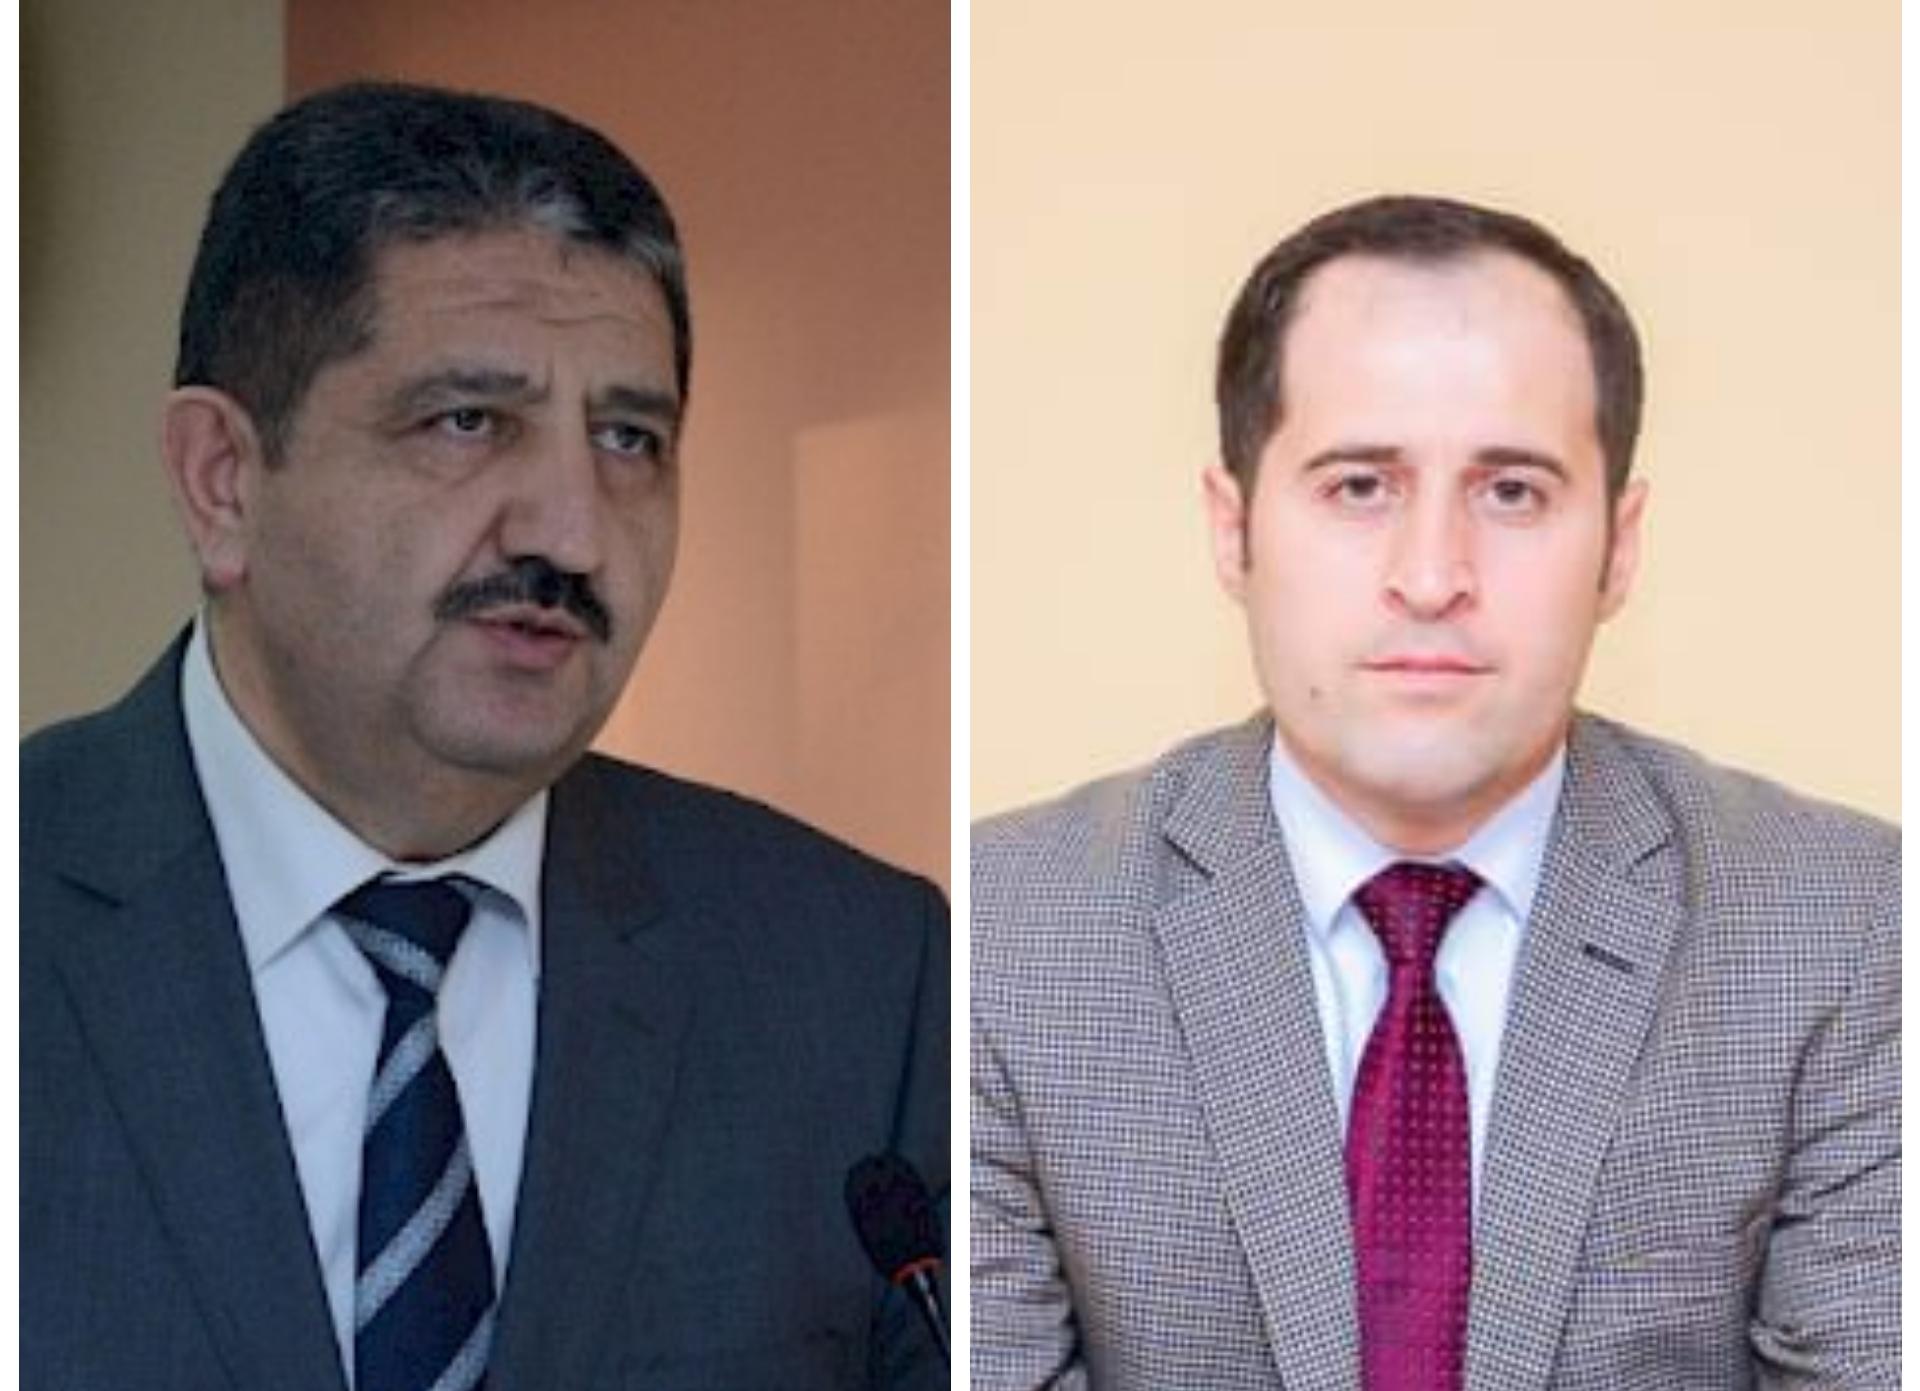 Azərbaycan İlahiyyat İnstitutunun müəllimləri Qarabağ həqiqətlərini dünya ictimaiyyətinə çatdırır